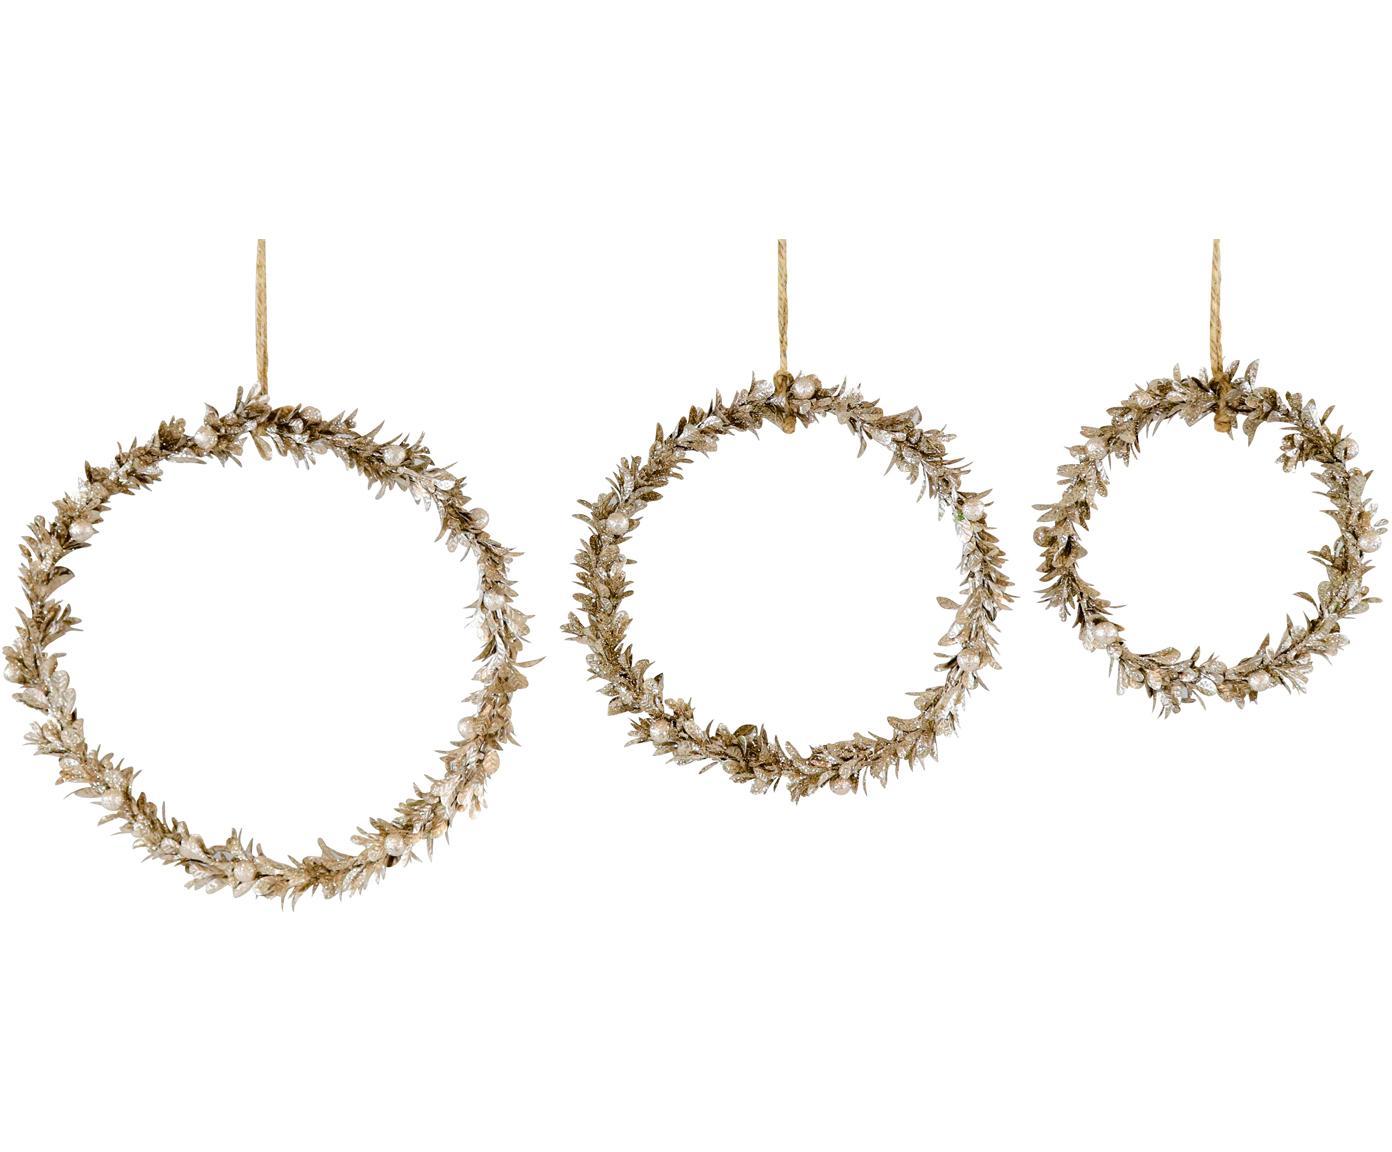 Set de adornos navideños Laurel, 3pzas., Espuma de poliestireno, plástico, metal, madera, Dorado, Set de diferentes tamaños